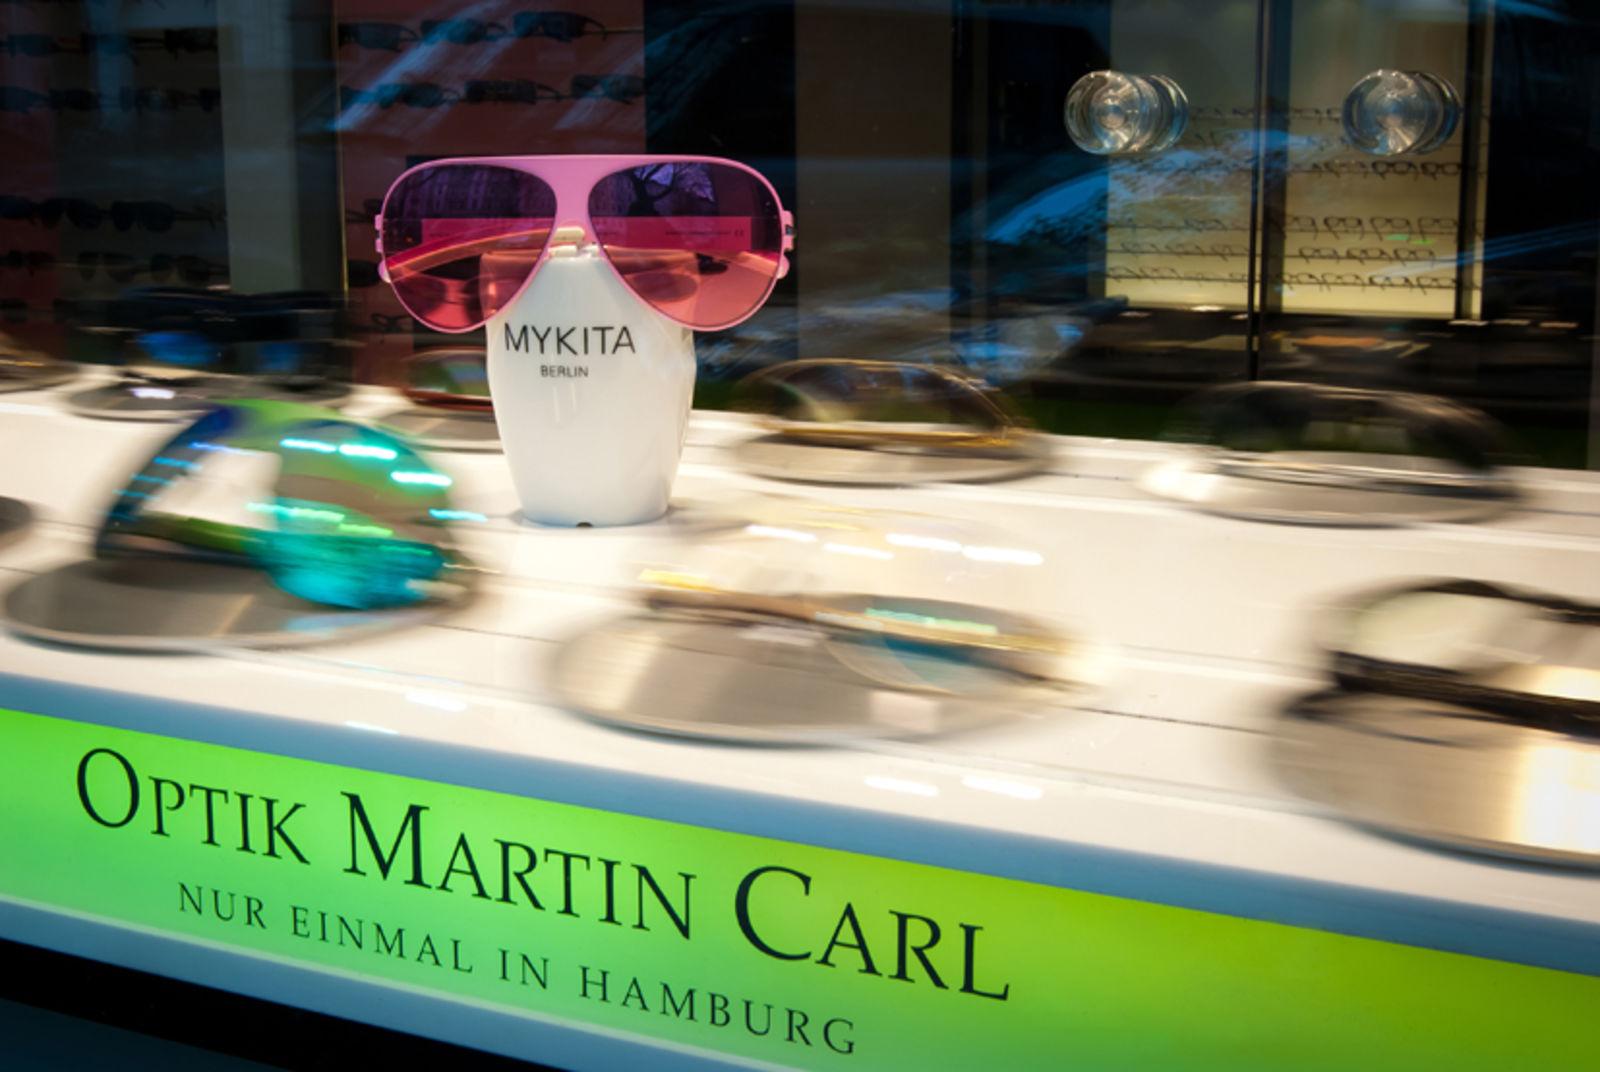 Optik Martin Carl in Hamburg (Bild 4)